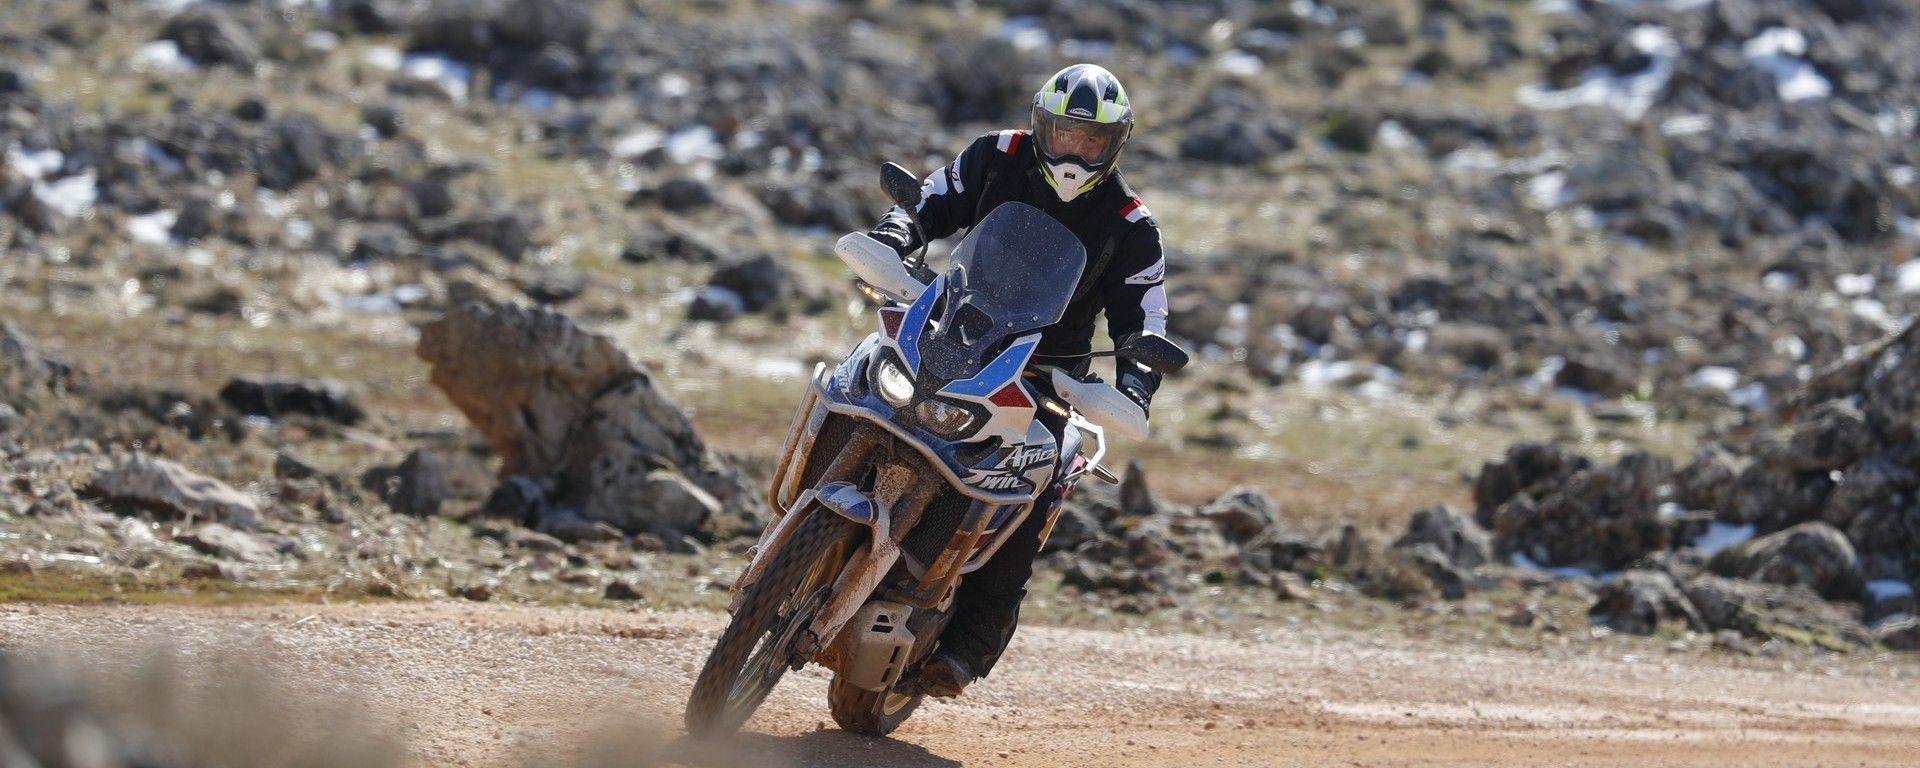 Honda Africa Twin Adventure Sports: la prova su strada e non